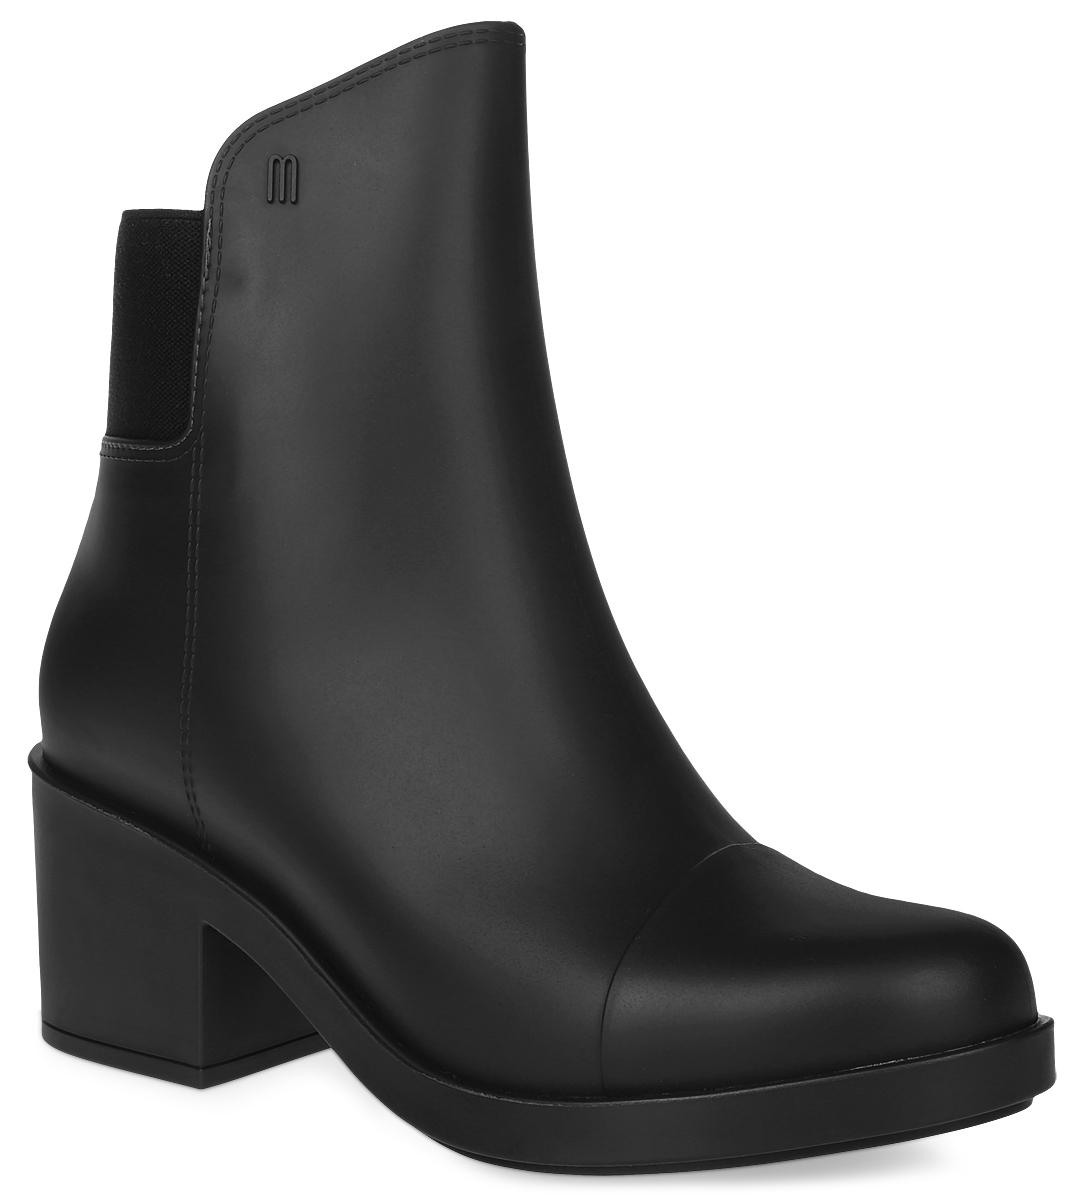 31774-1003Стильные резиновые сапоги от Melissa выполнены в виде коротких ботильонов на небольшом каблуке. Ботильоны пахнут карамелью и сзади дополнены эластичной вставкой. Обувь изготовлена из мелфлекса – инновационного пластика, который приспосабливается к форме стопы и дает ноге дышать. Даже в самый дождливый день ваши ноги будут в тепле и уюте!